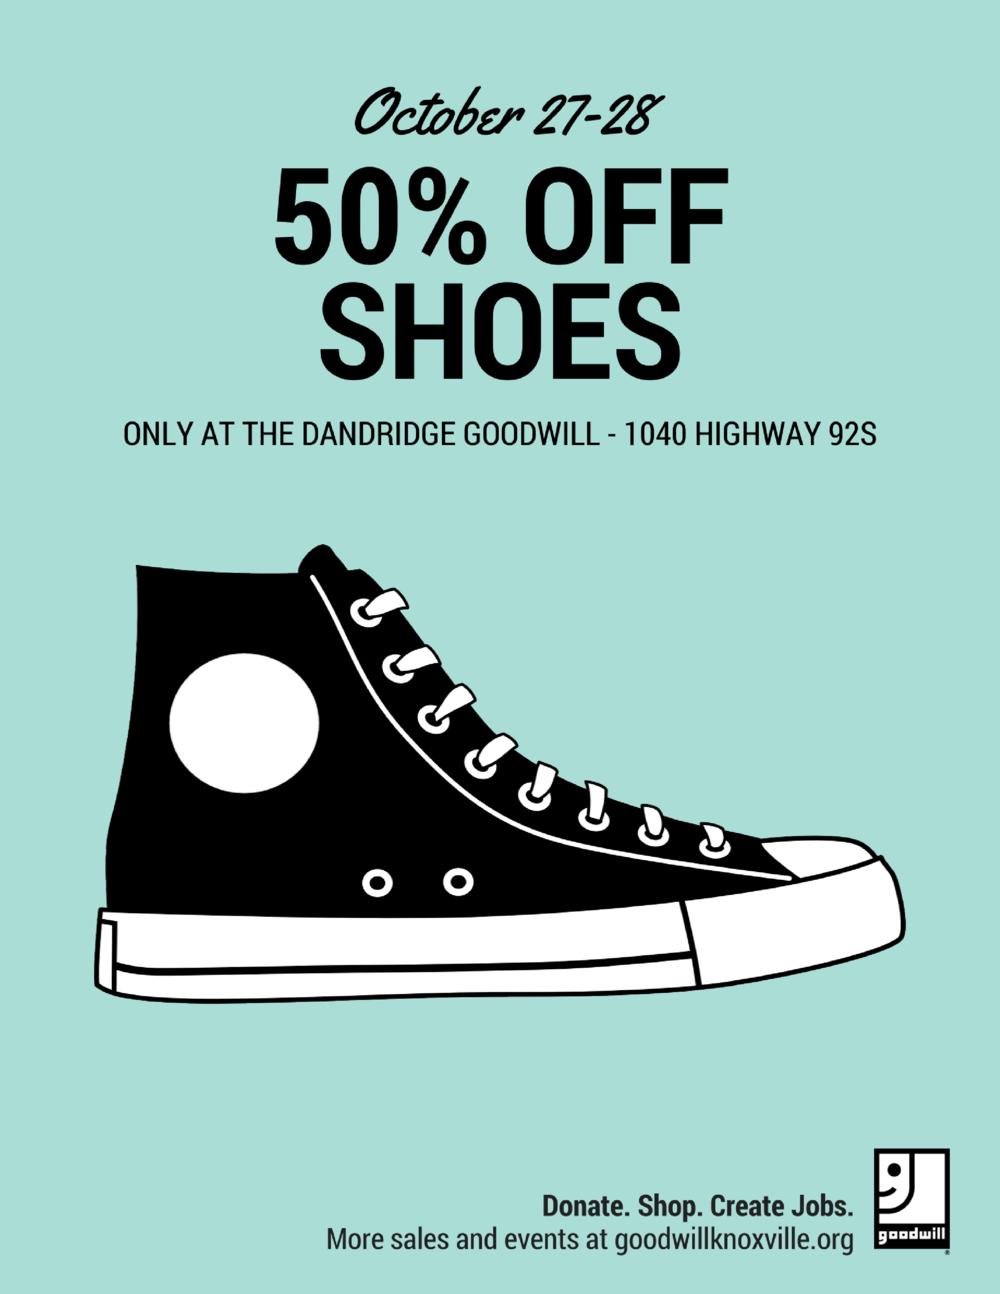 10_DandridgeShoes.png